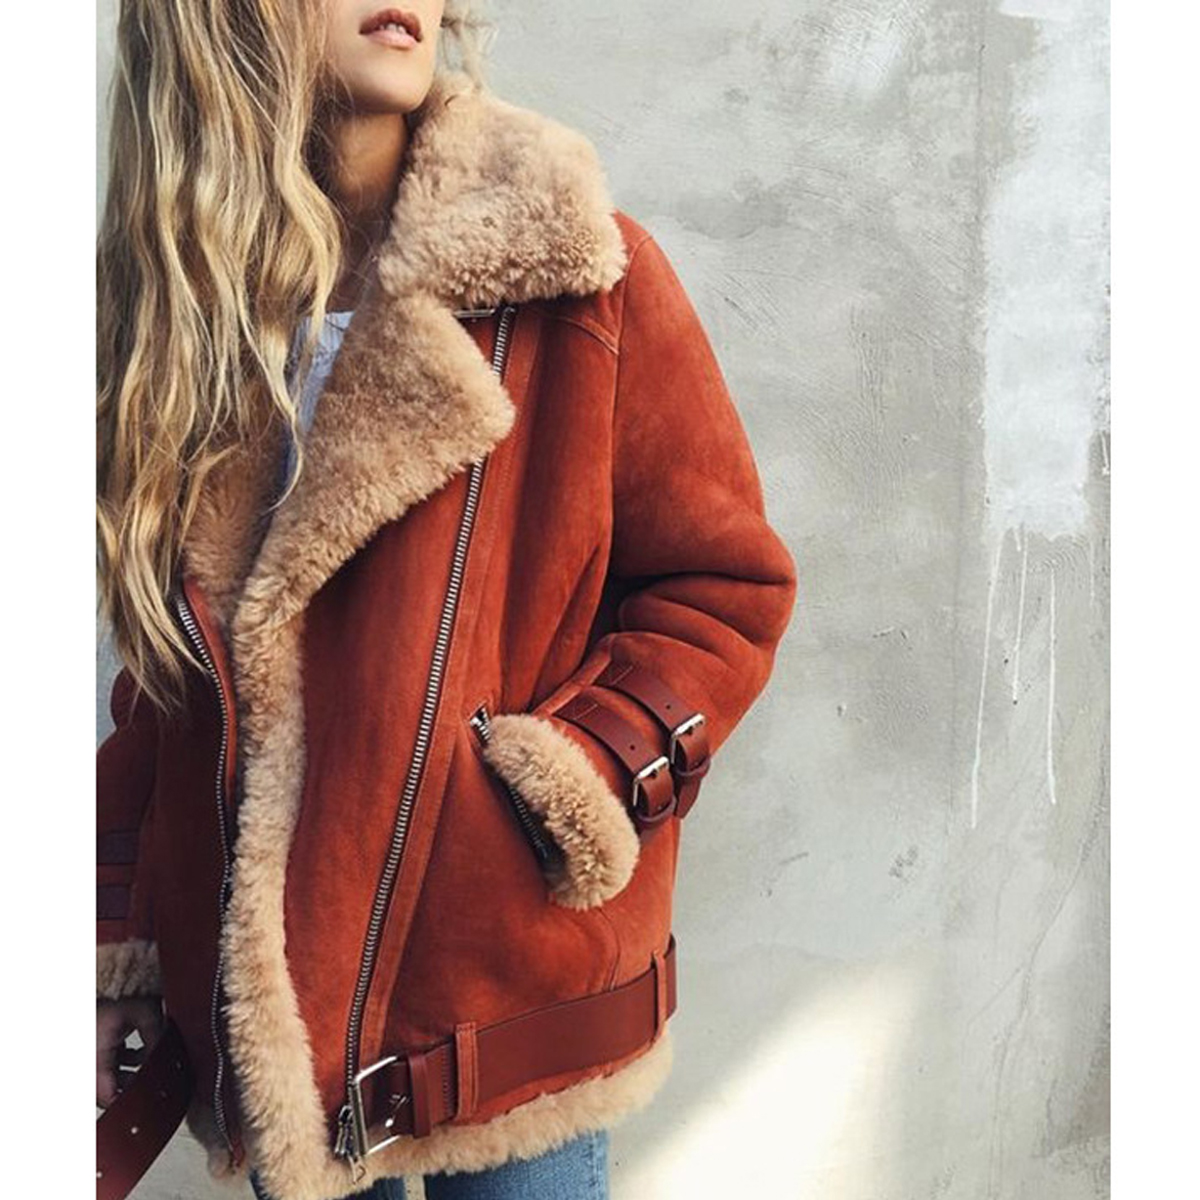 2018 Winter Leather Suede Lamb Fur Jacket Coat women Faux Suede Jacket Belt Outerwear Coat Female Casual Zipper Moto Overcoat